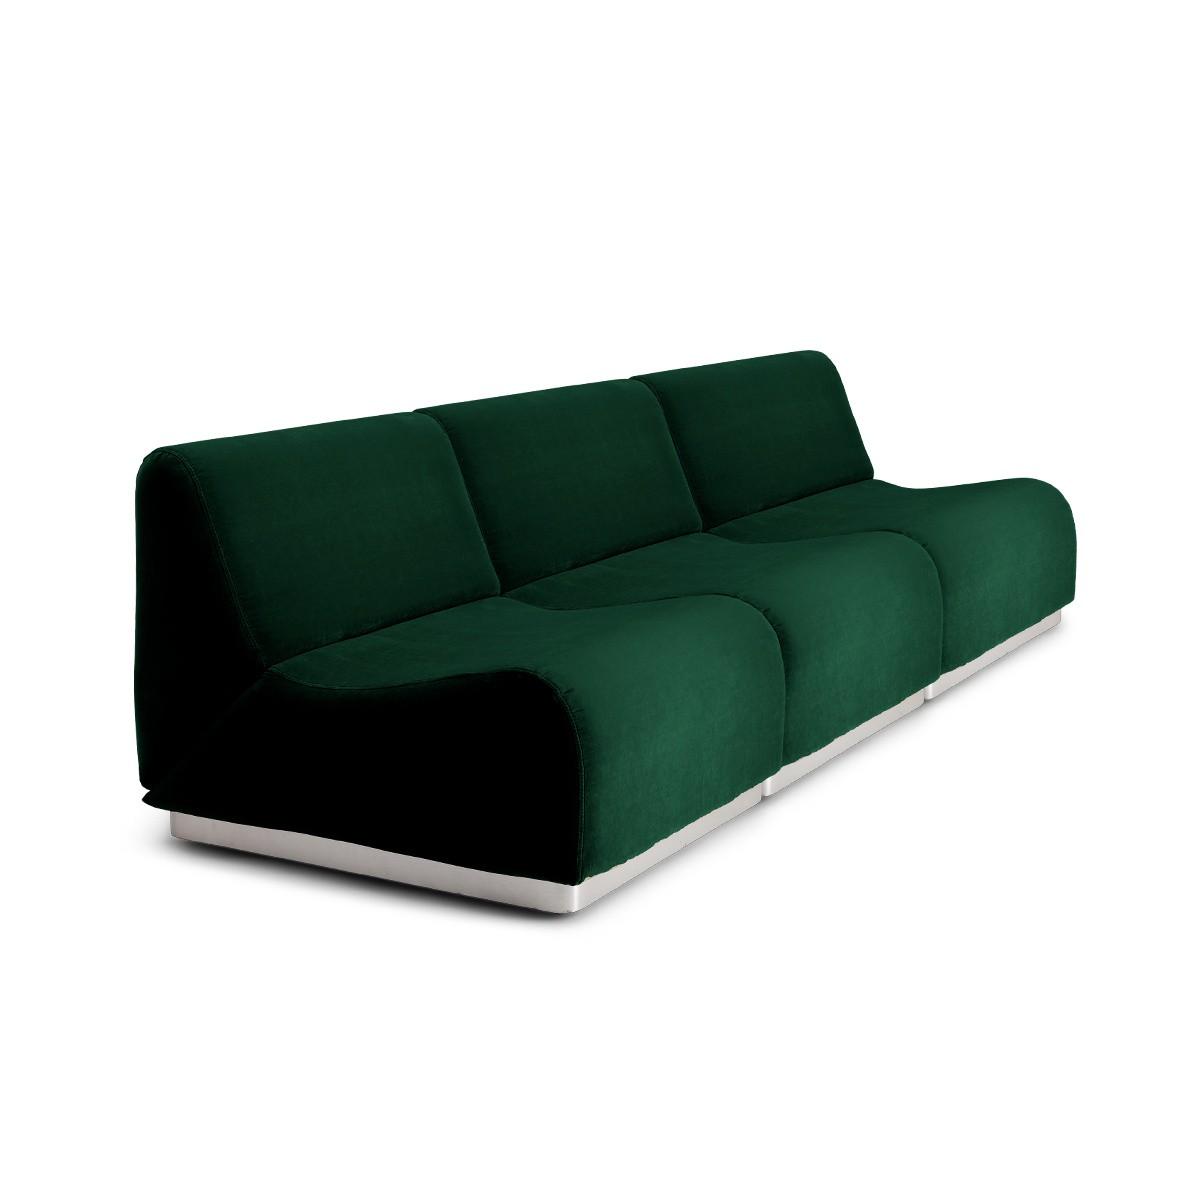 Canapé modulable Rotondo velours vert sapin